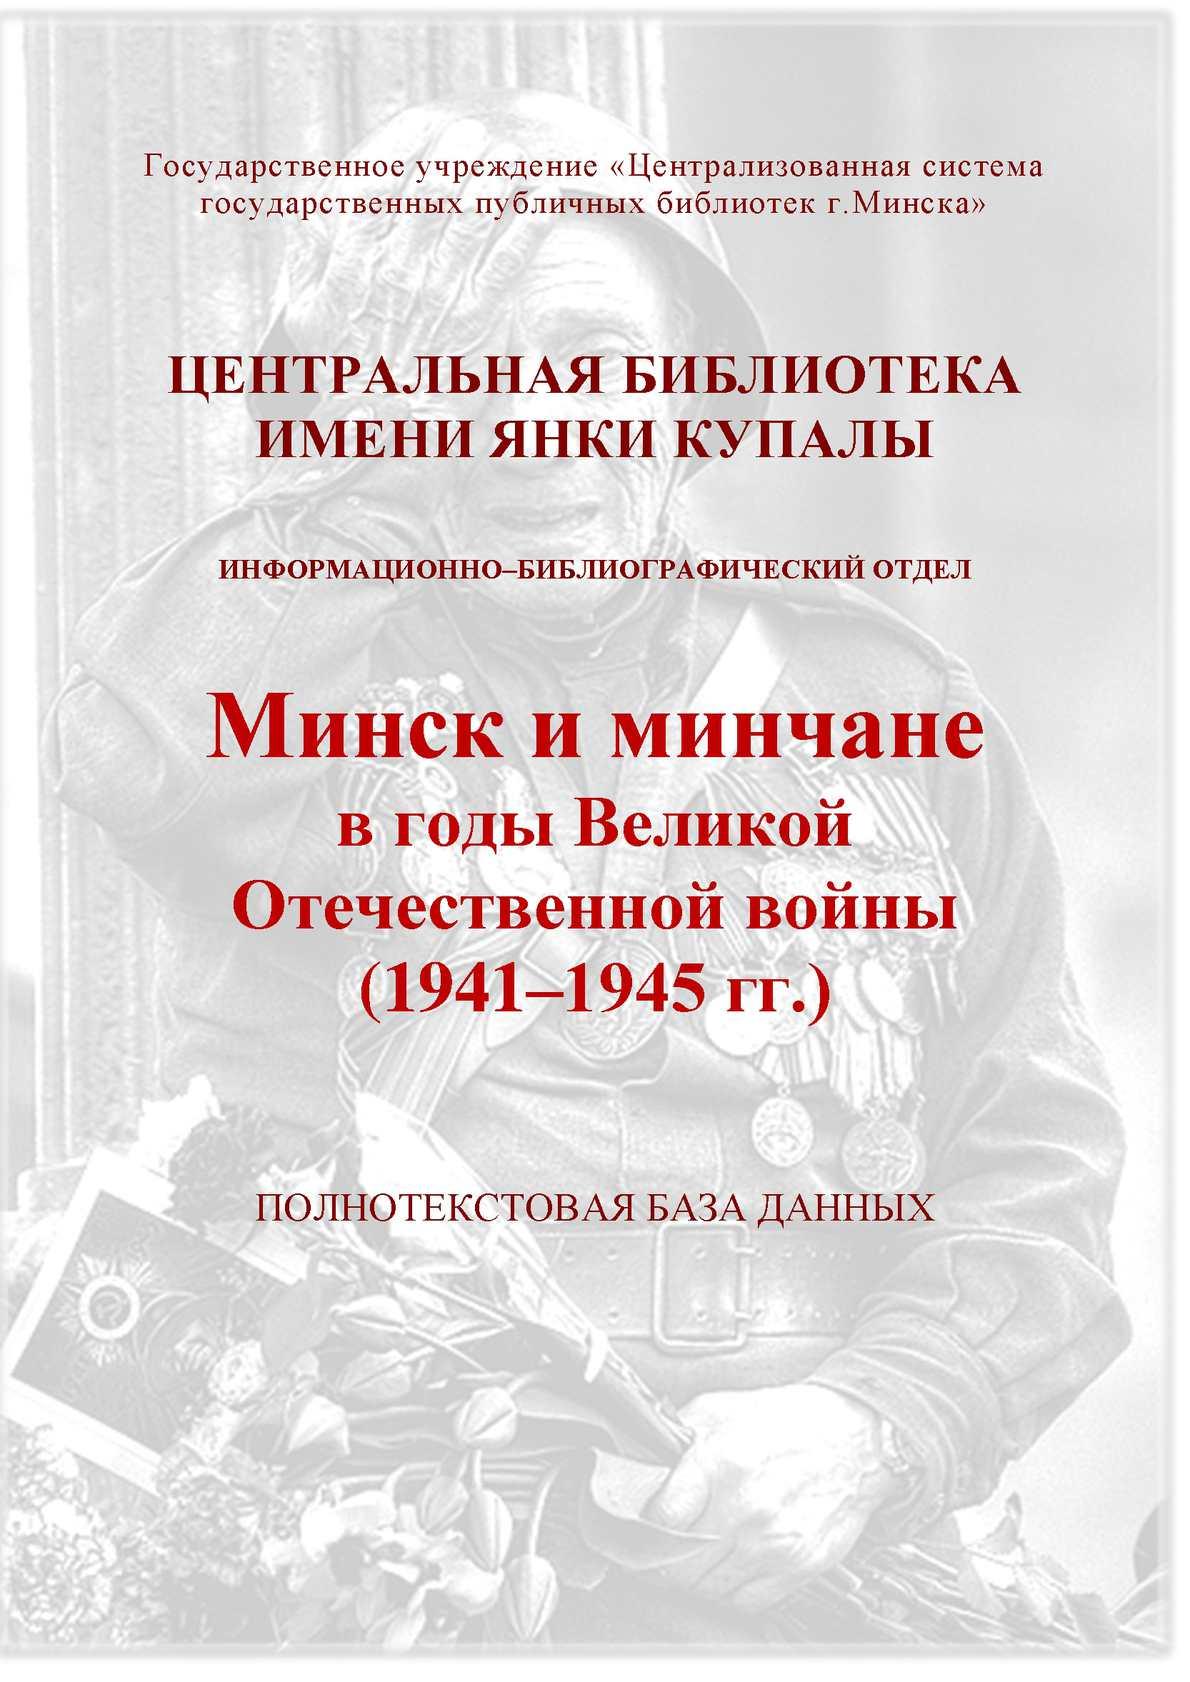 Минск и минчане в годы Великой Отечественной войны (1941–1945 гг.)